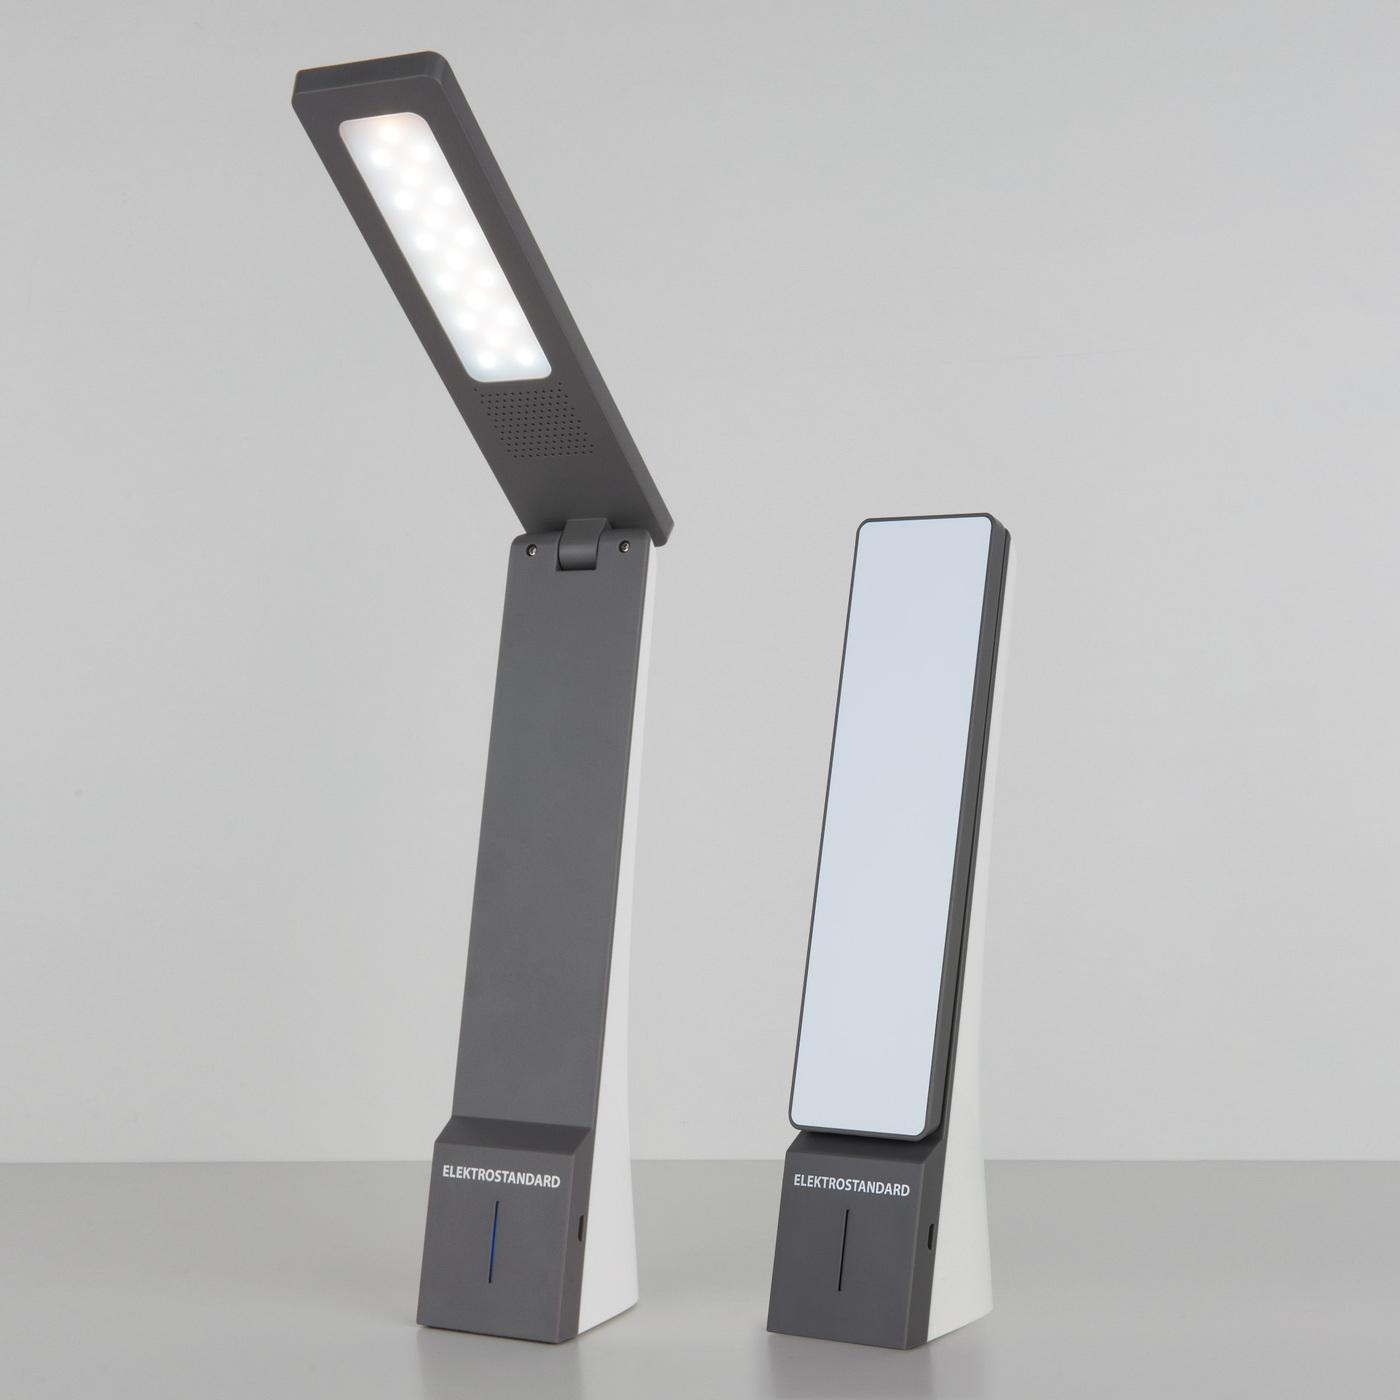 Фото - Настольный светильник Elektrostandard светодиодный Desk TL90450, 3 Вт настольный светильник task